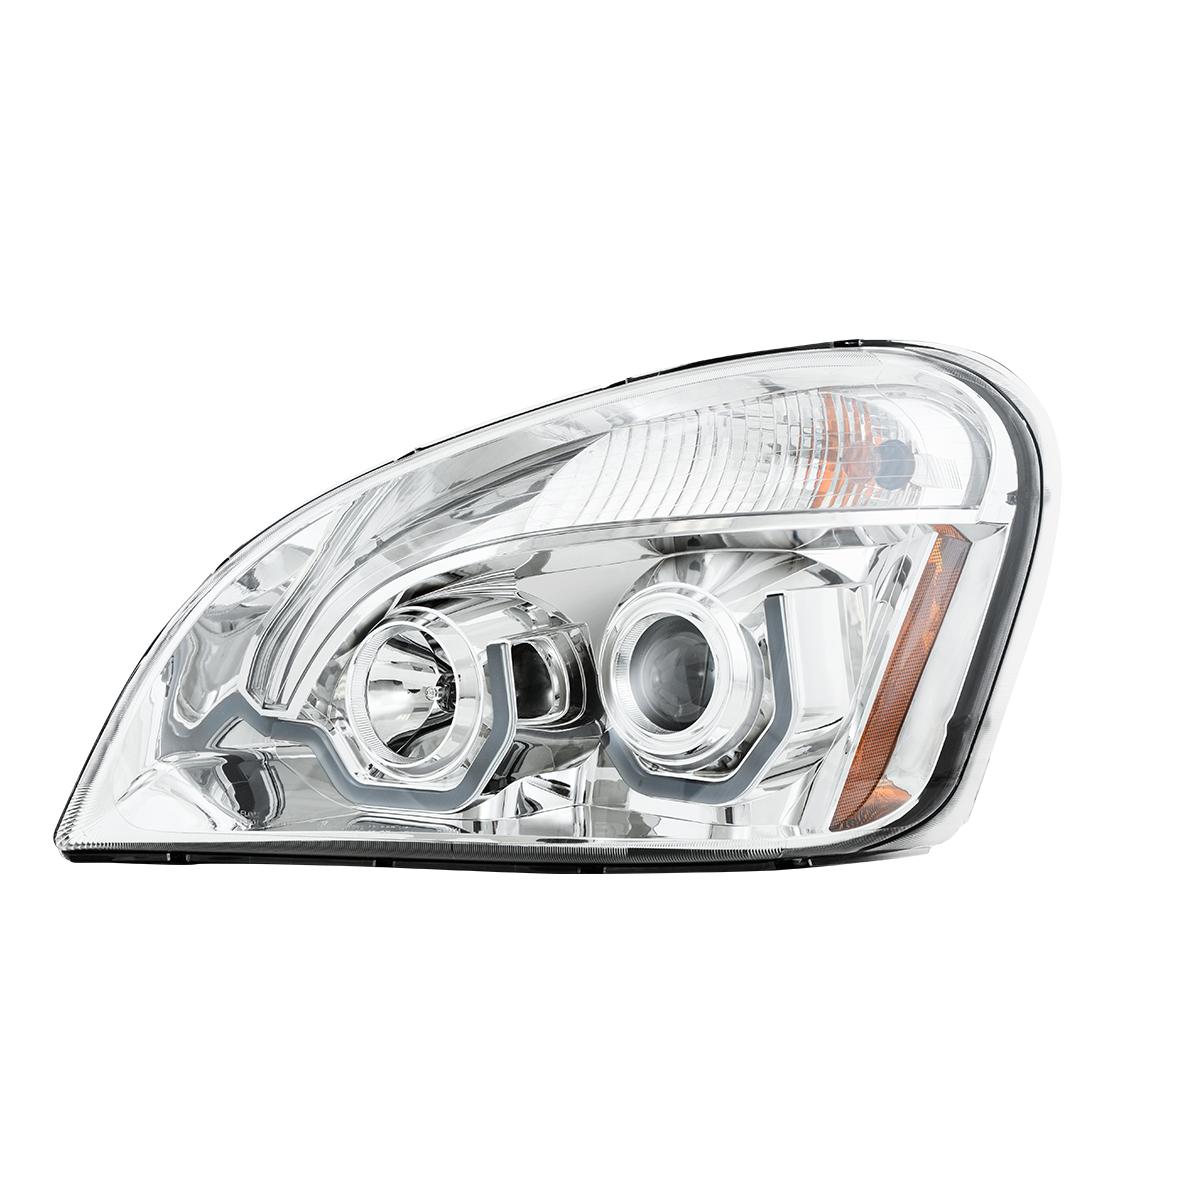 Freightliner Cascadia Chrome Projector Headlight w/ White LED Running Light